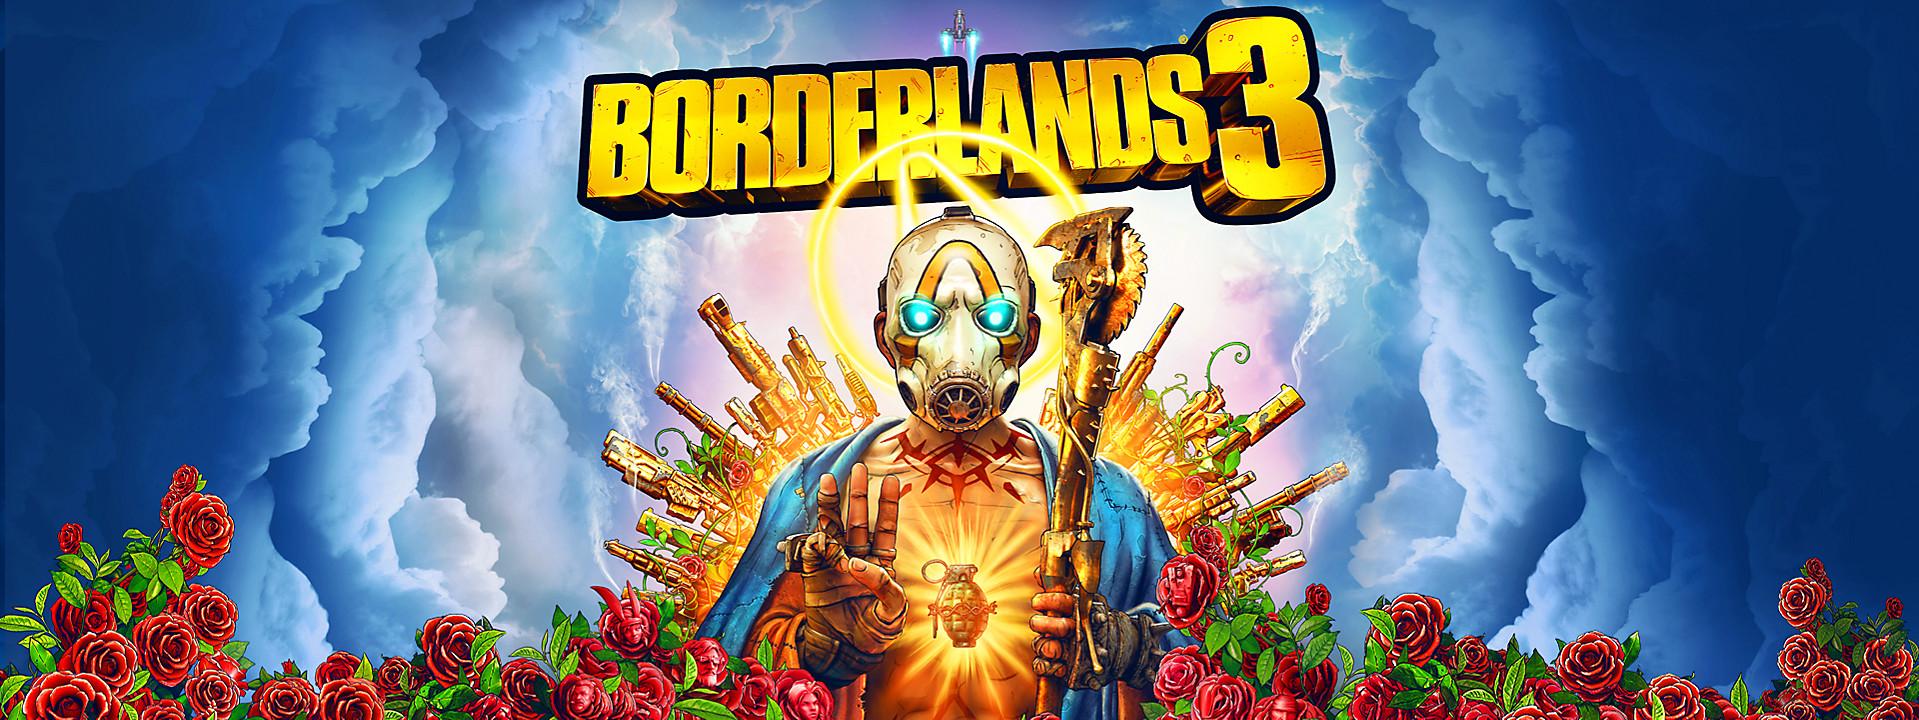 borderlands-3-ps4.jpg